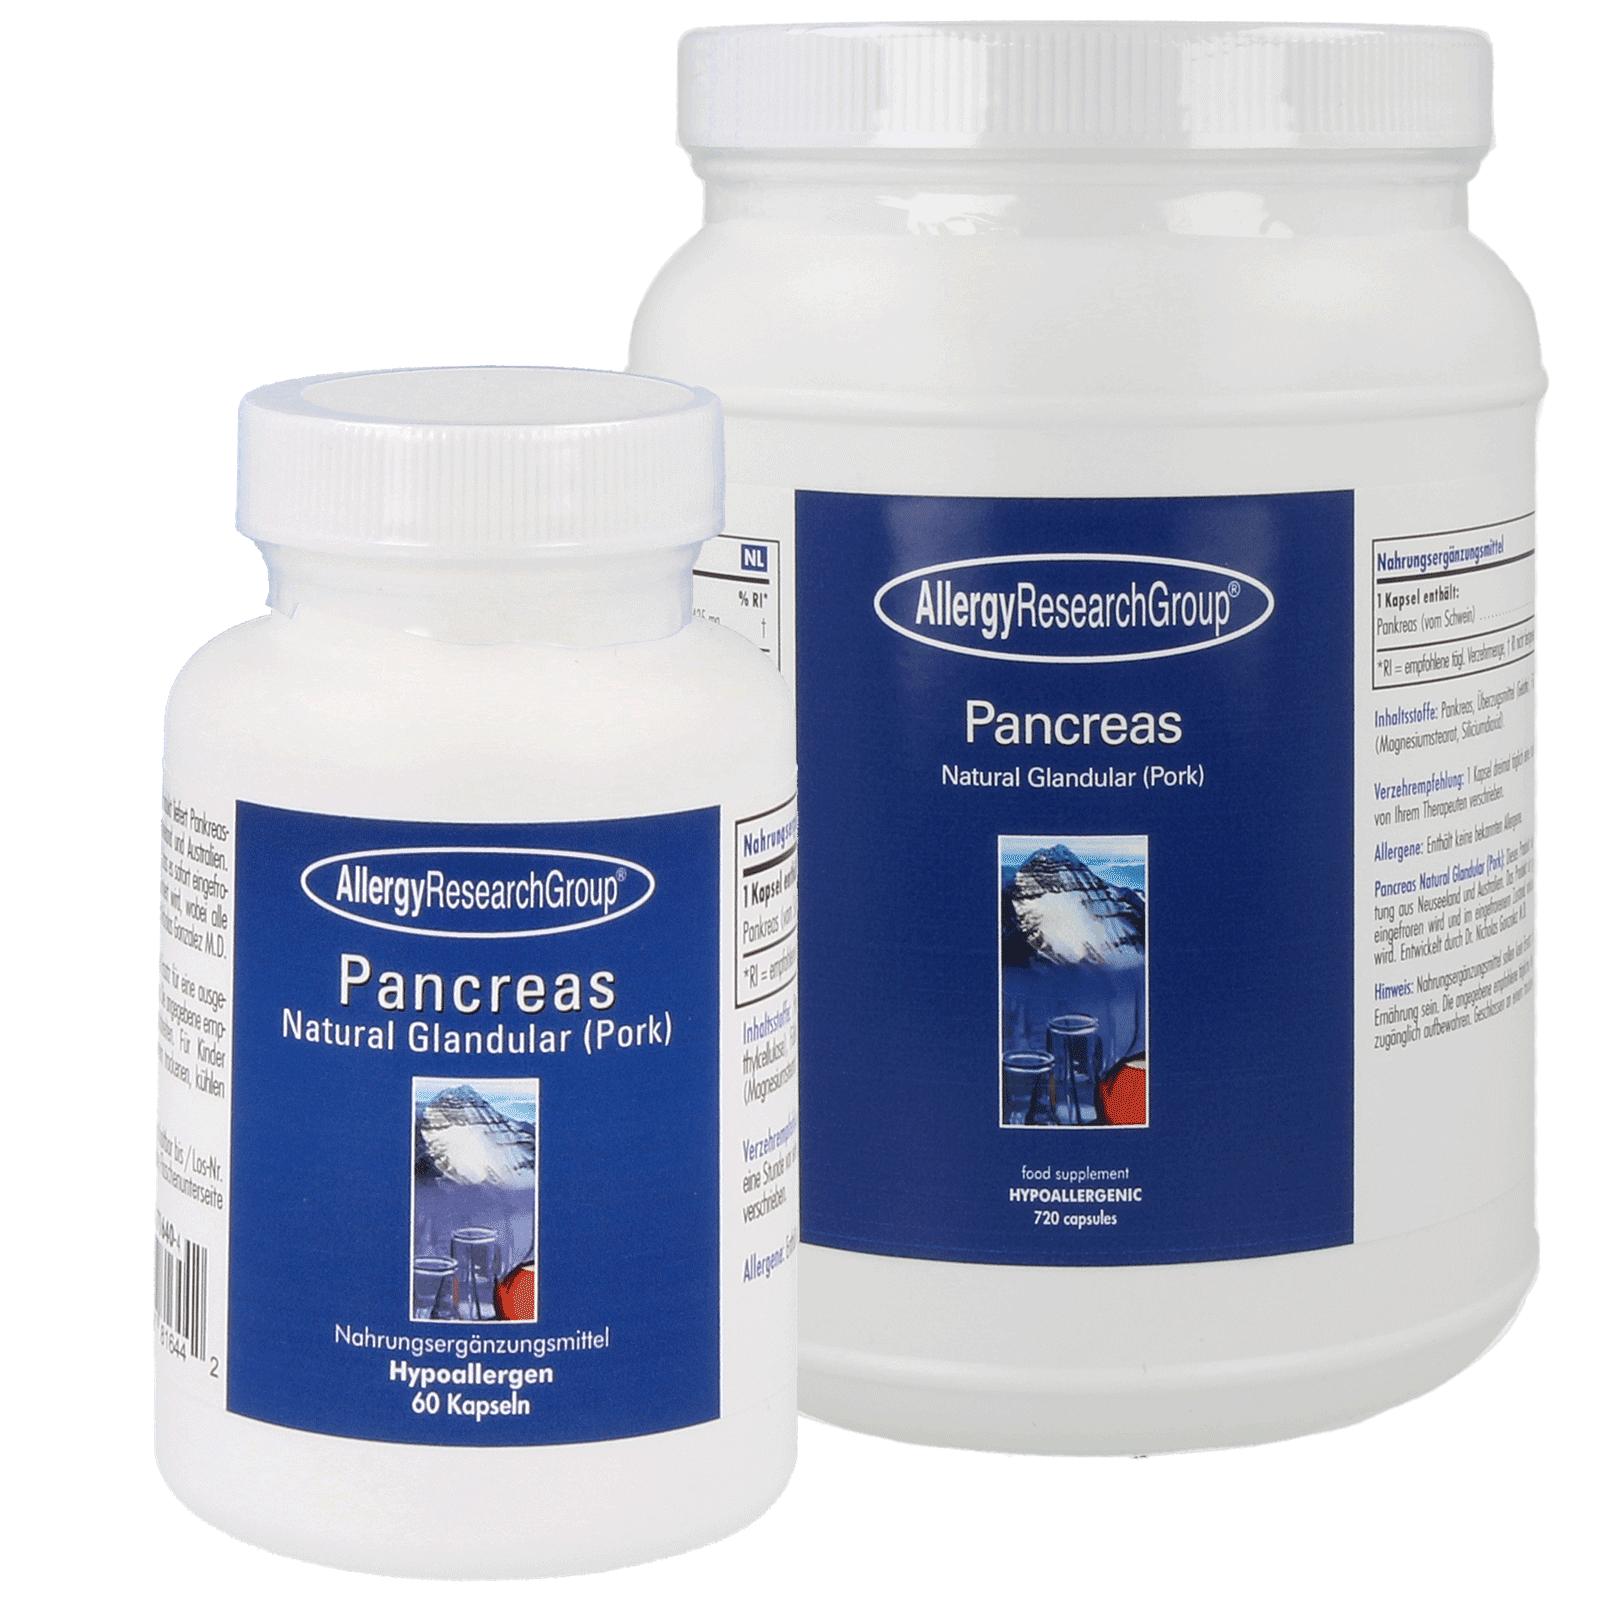 Pancreas Porc